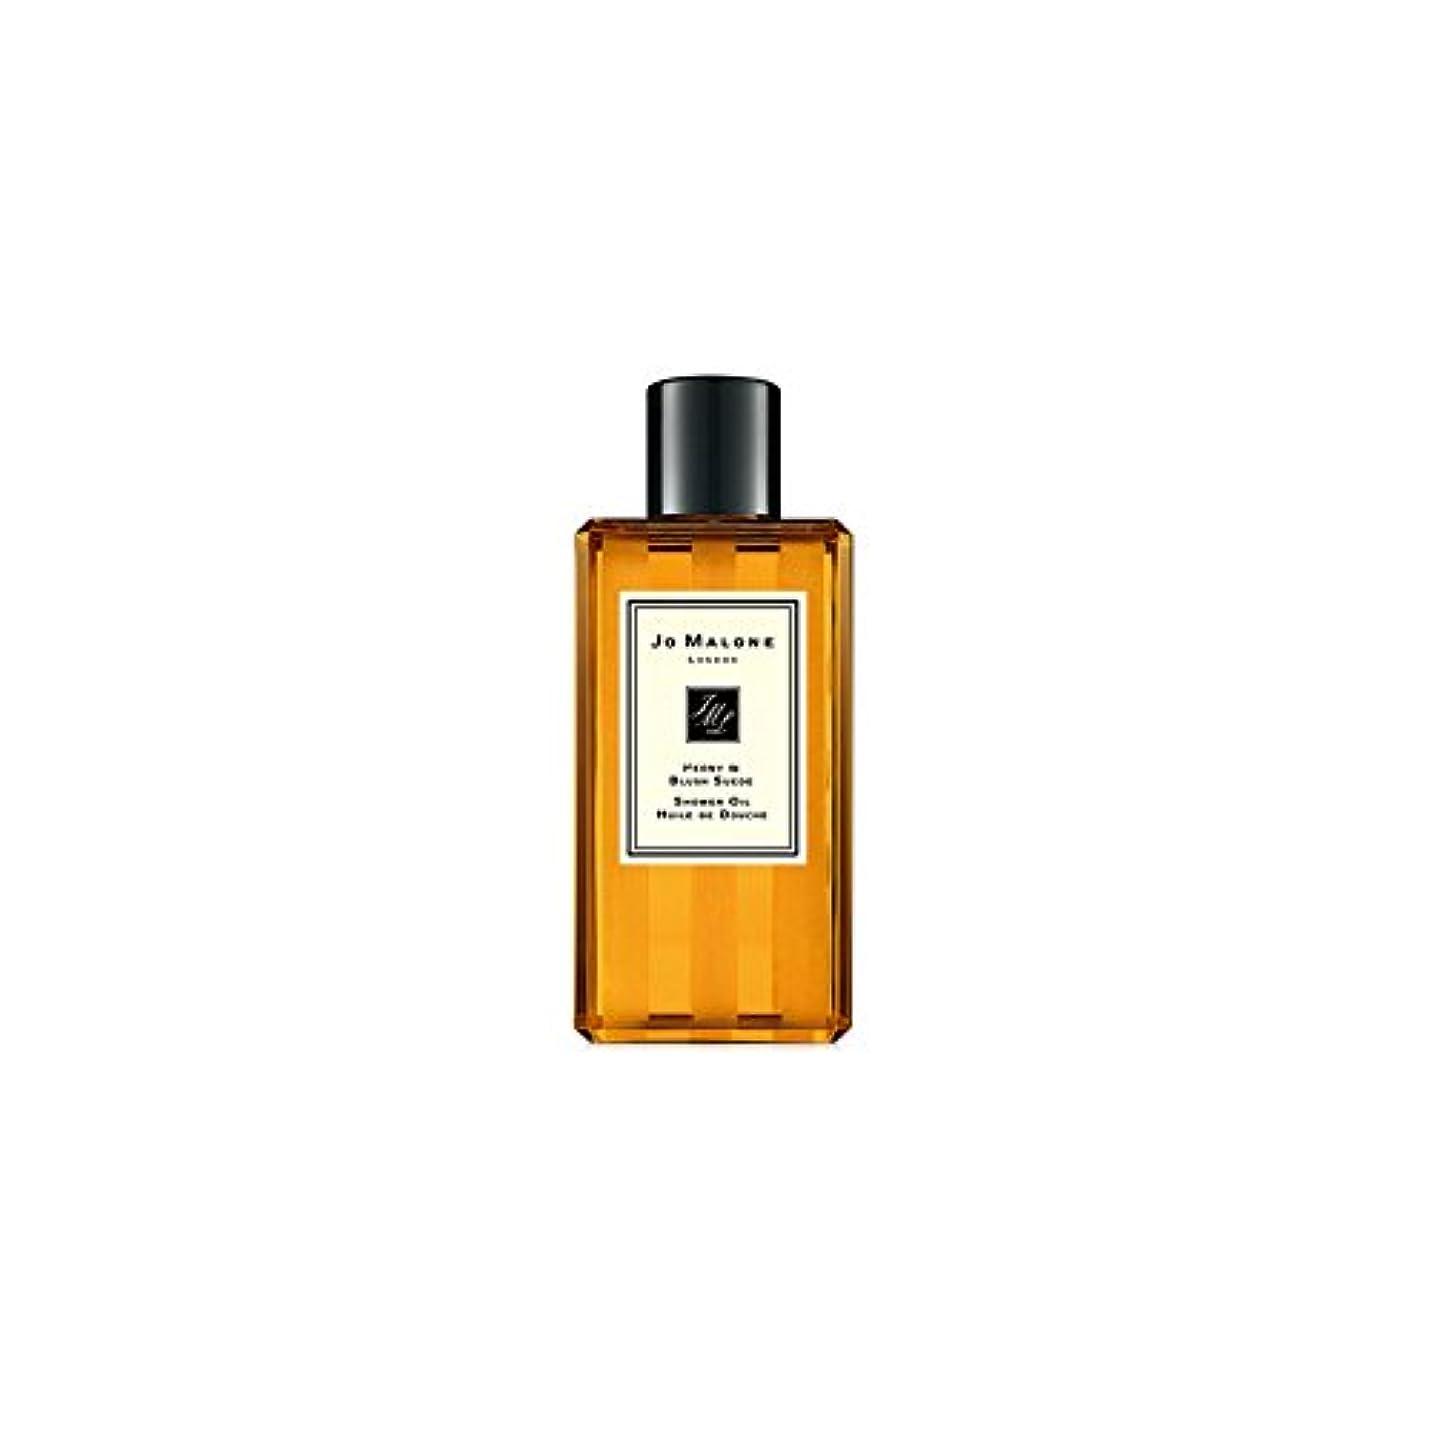 ストリップ許さない免疫するJo Malone Peony & Blush Suede Shower Oil - 250ml (Pack of 6) - ジョーマローン牡丹&スエードシャワーオイル赤面 - 250ミリリットル (x6) [並行輸入品]